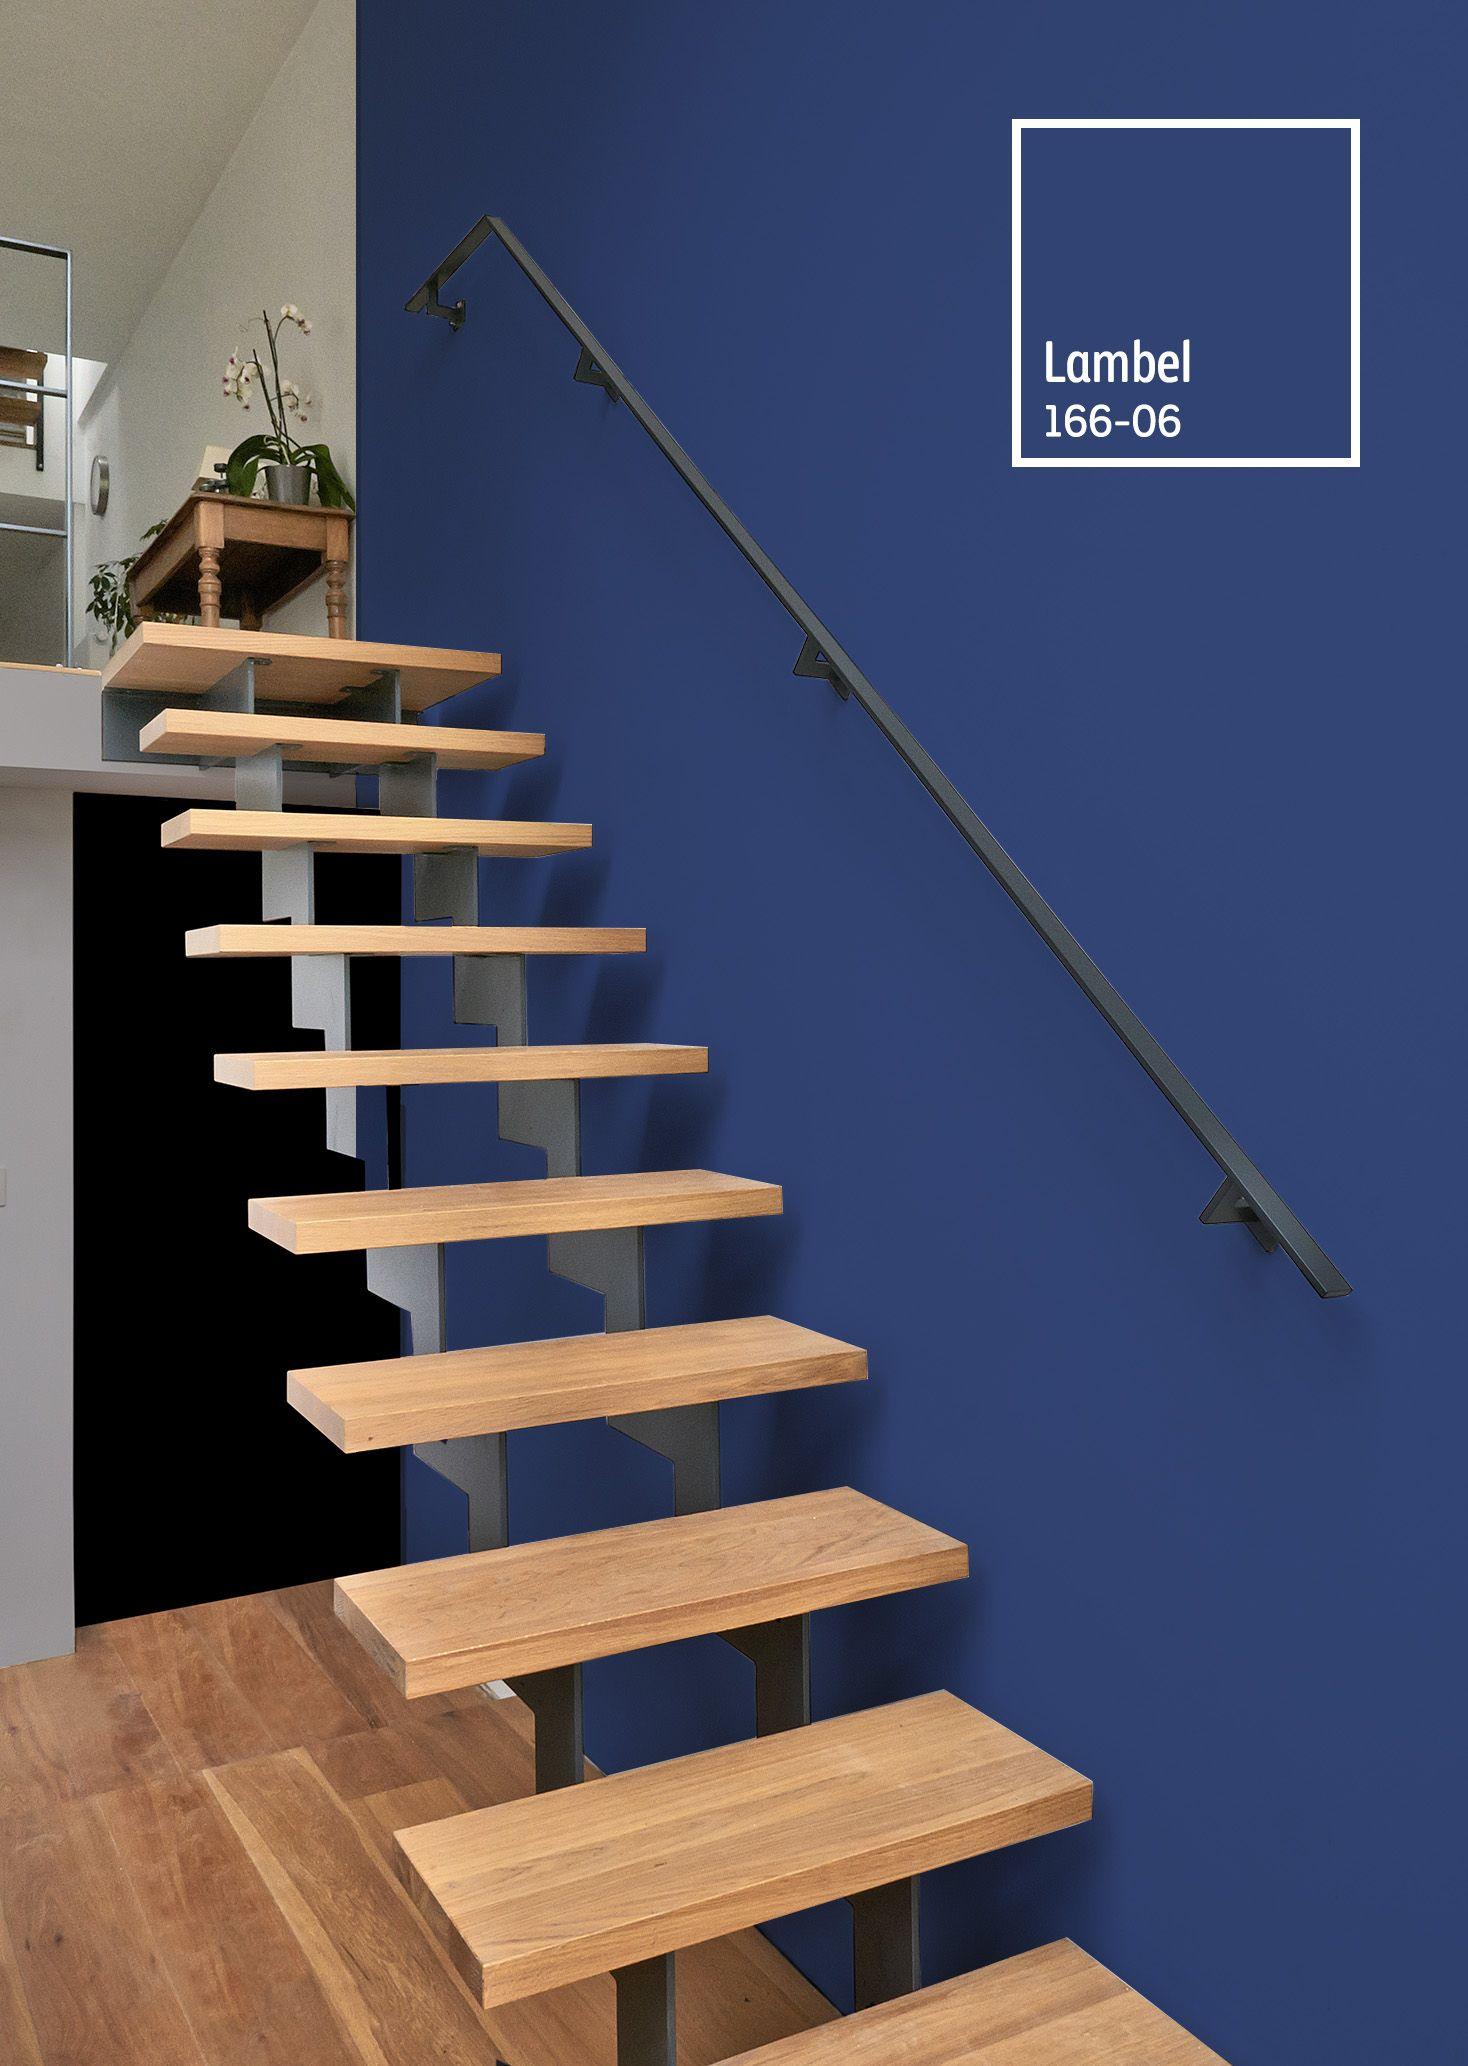 Combina Tus Escaleras De Madera Con Un Tono Vibrante Y Rompe Con La Monotonia Colores De Fachadas Interiores De Recamaras Colores De Casas Interiores